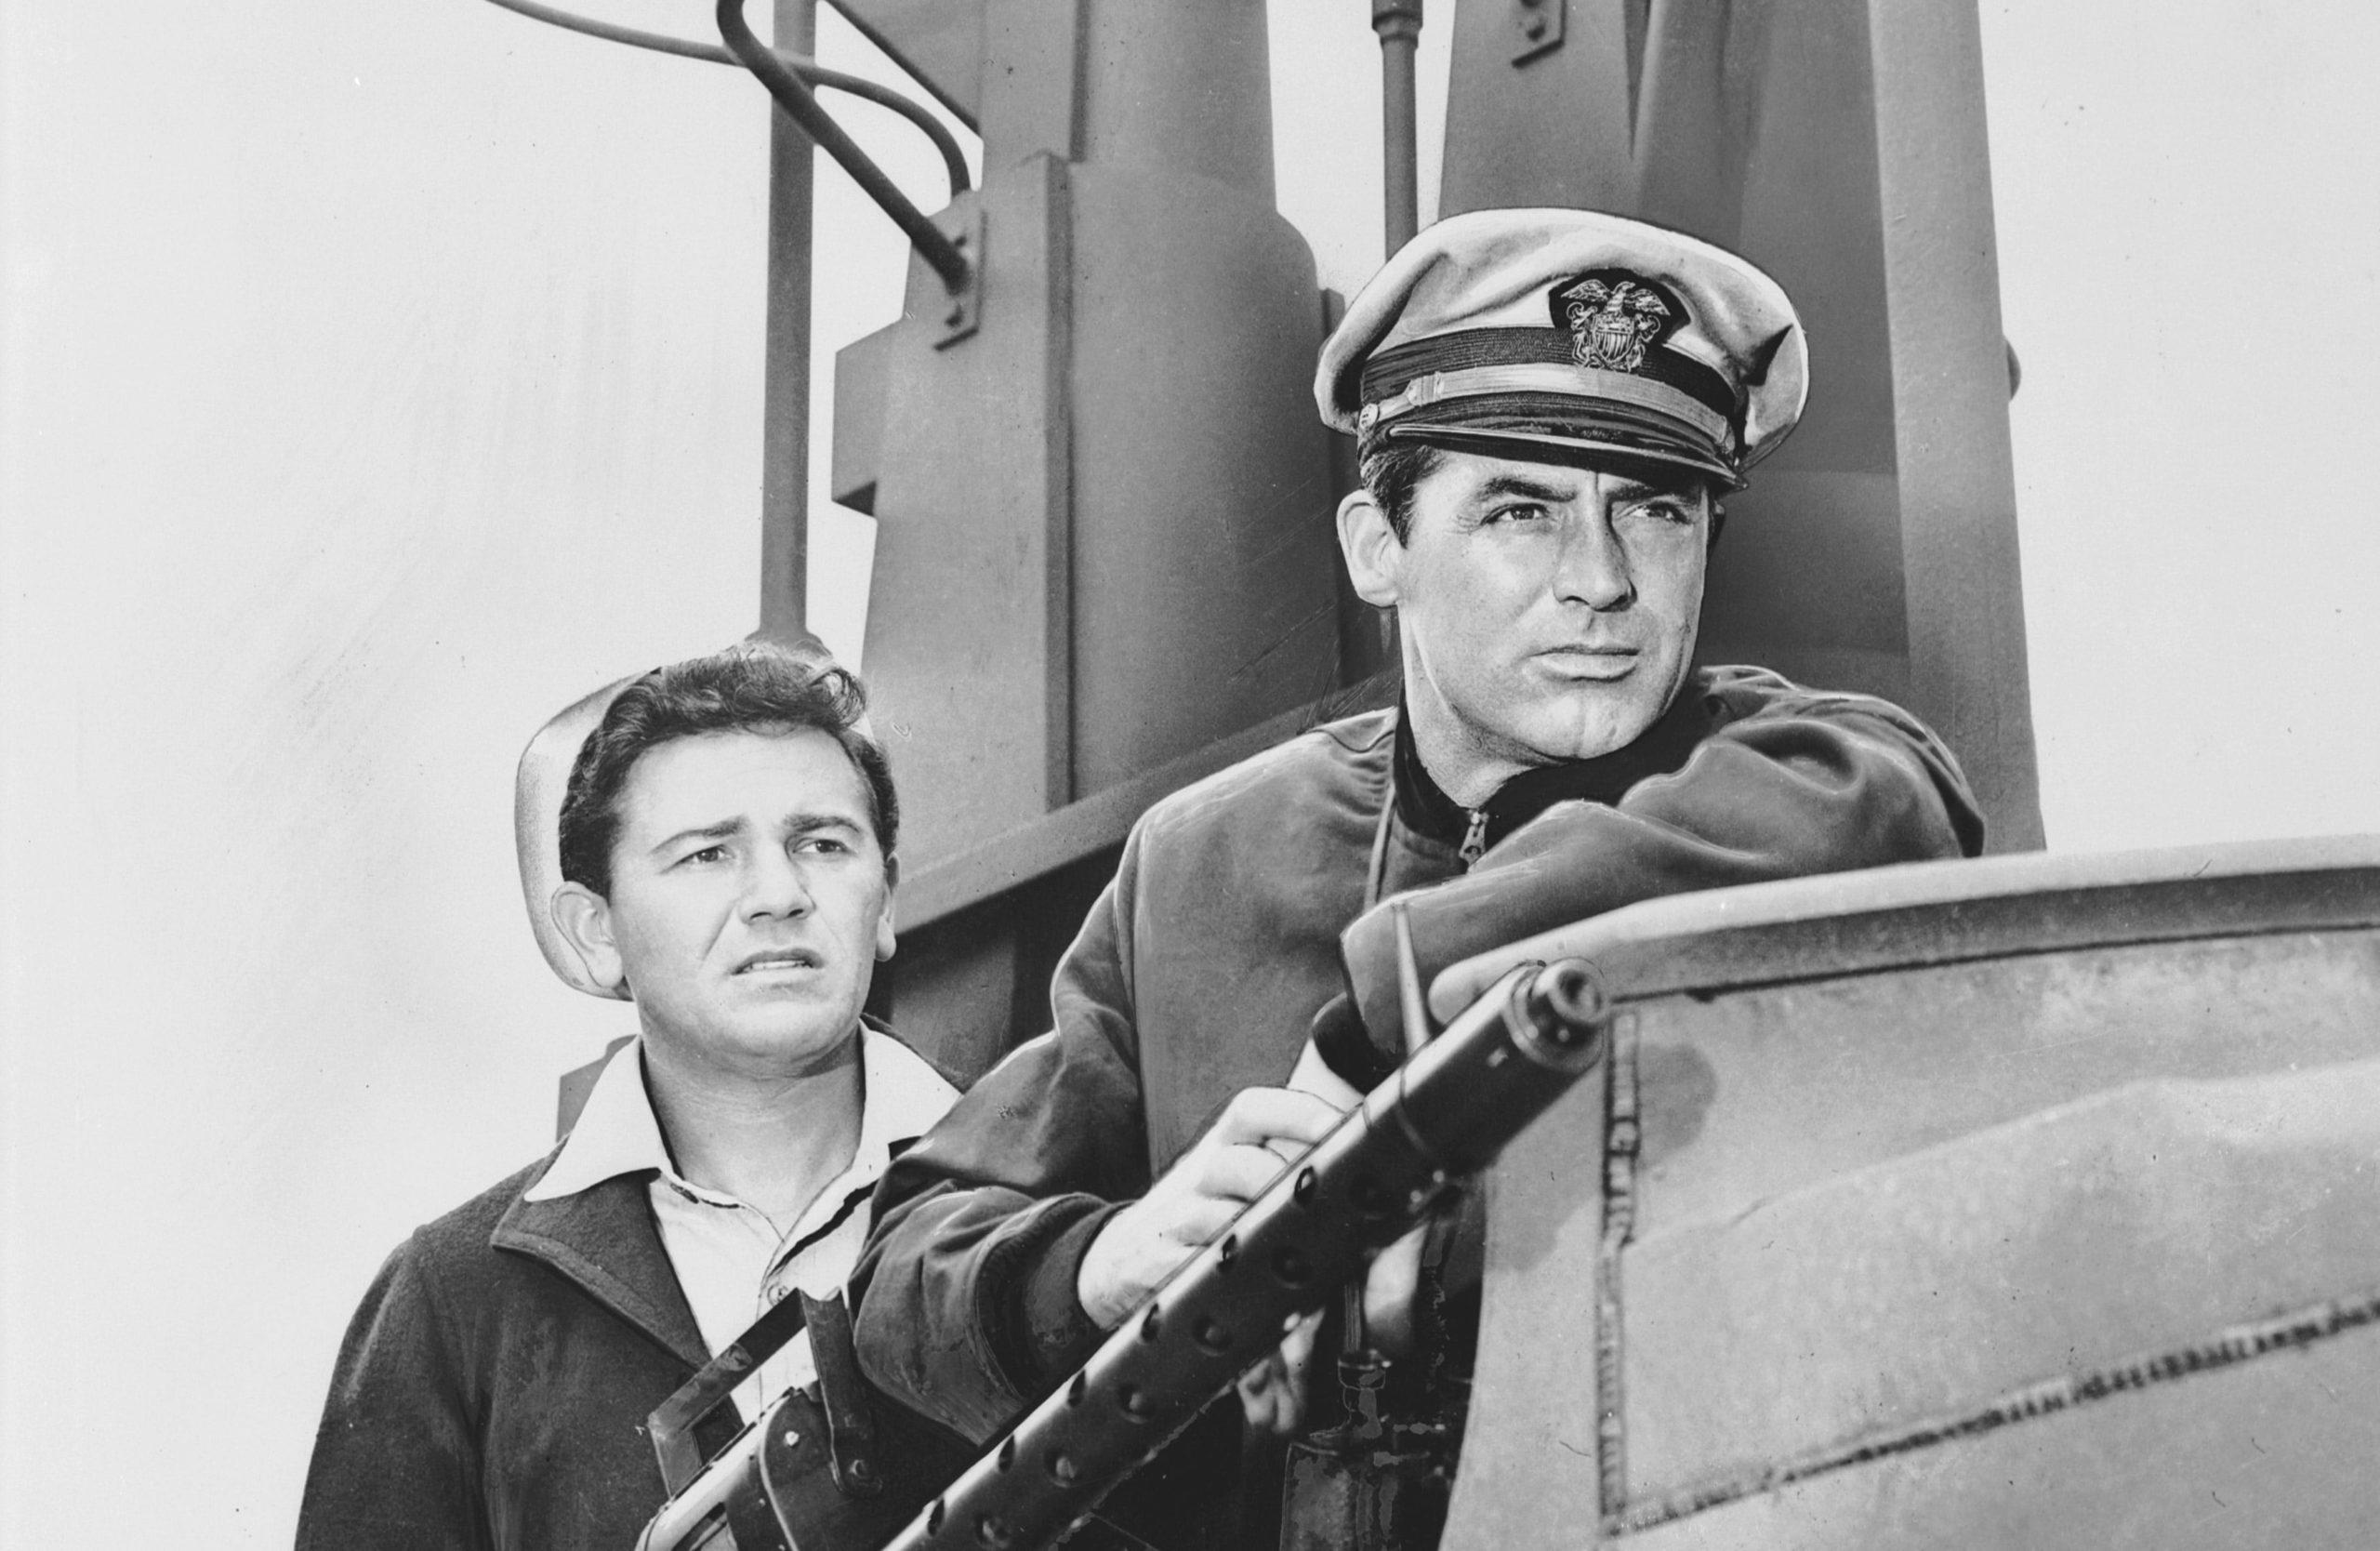 در ادامه این مطلب قصد داریم شما را با 10 فیلم ژانر زیردریایی آشنا کنیم که از بهترین های این ژانر هستند اما کمتر کسی آن را دیده است.